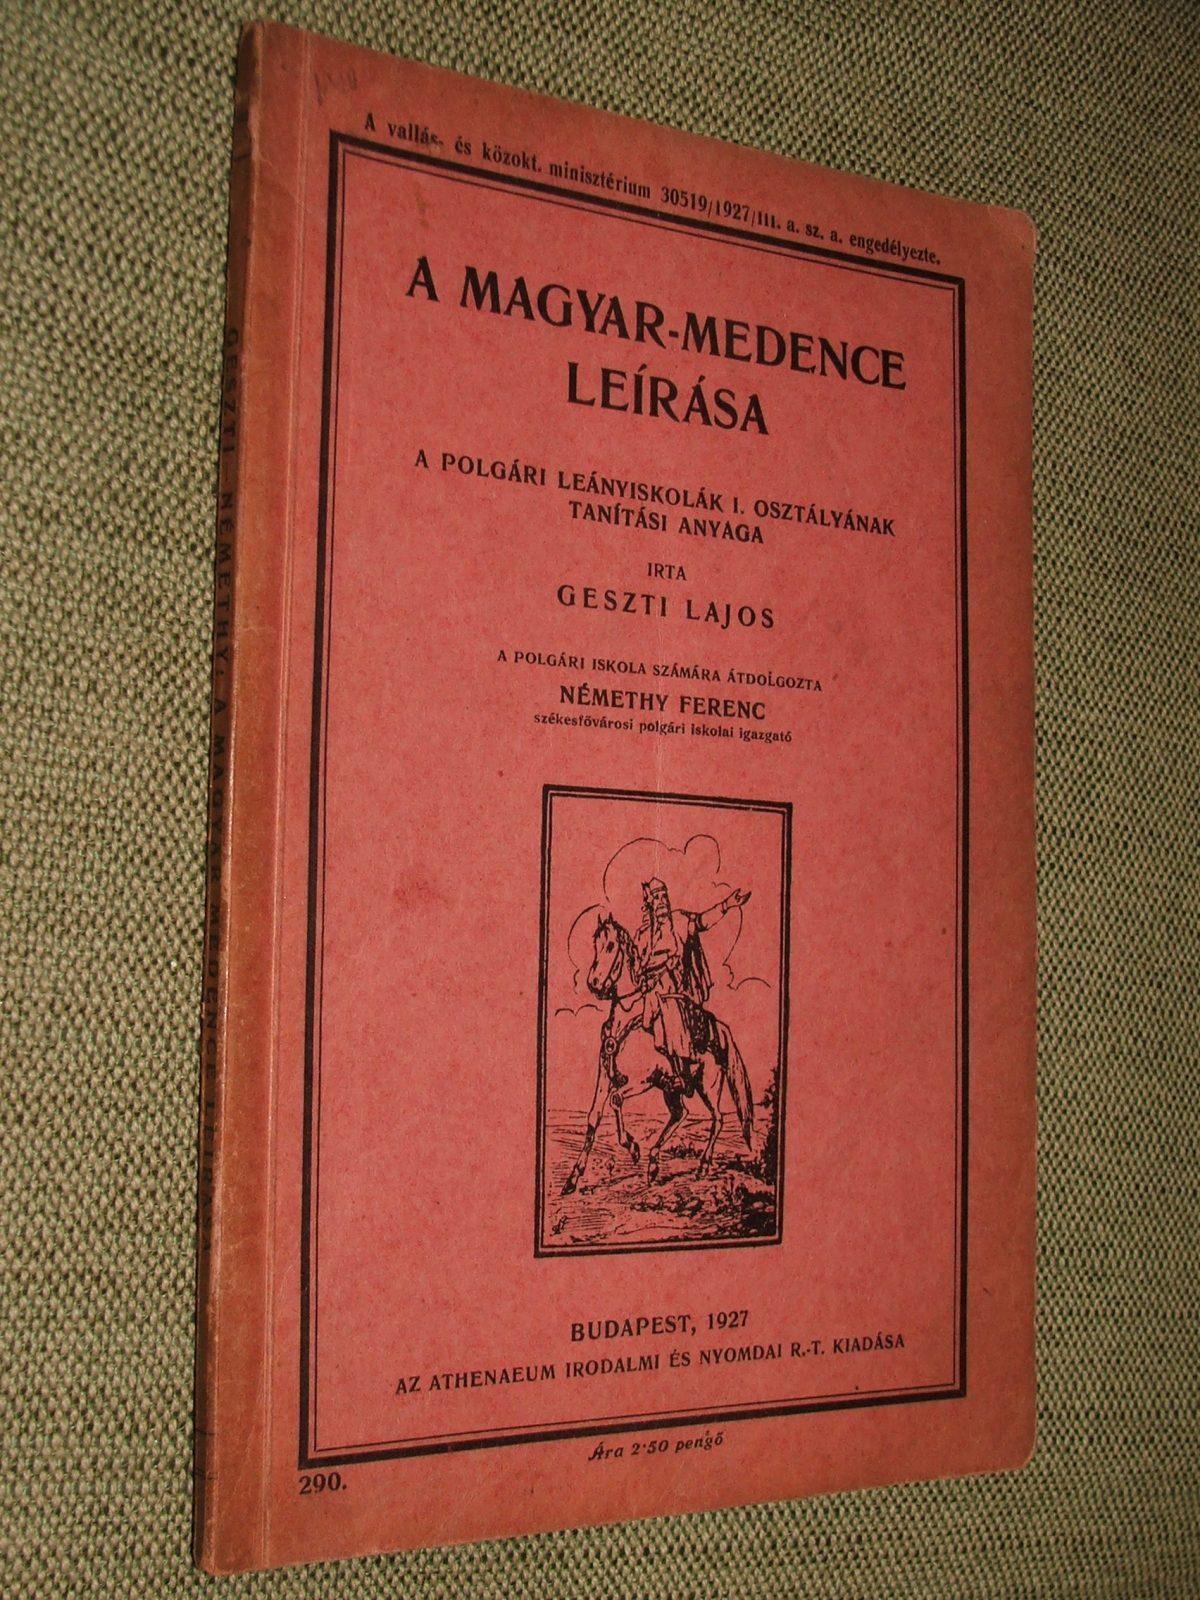 GESZTI Lajos: A magyar-medence leírása